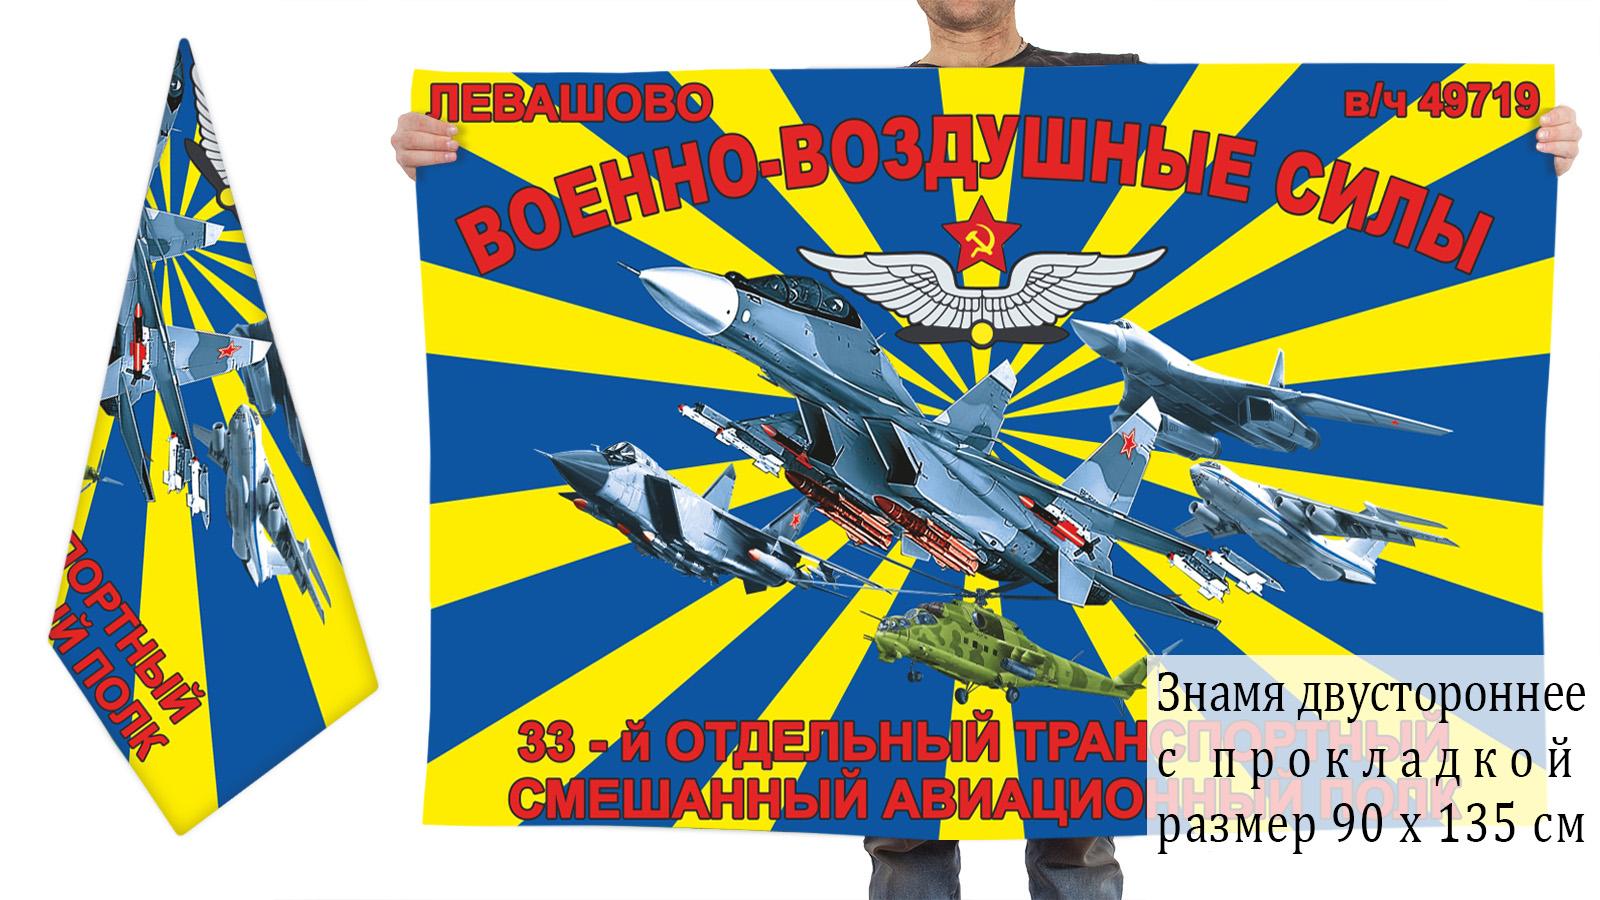 Заказать в интернет магазине флаг 33 отдельный транспортный смешанный авиаполк